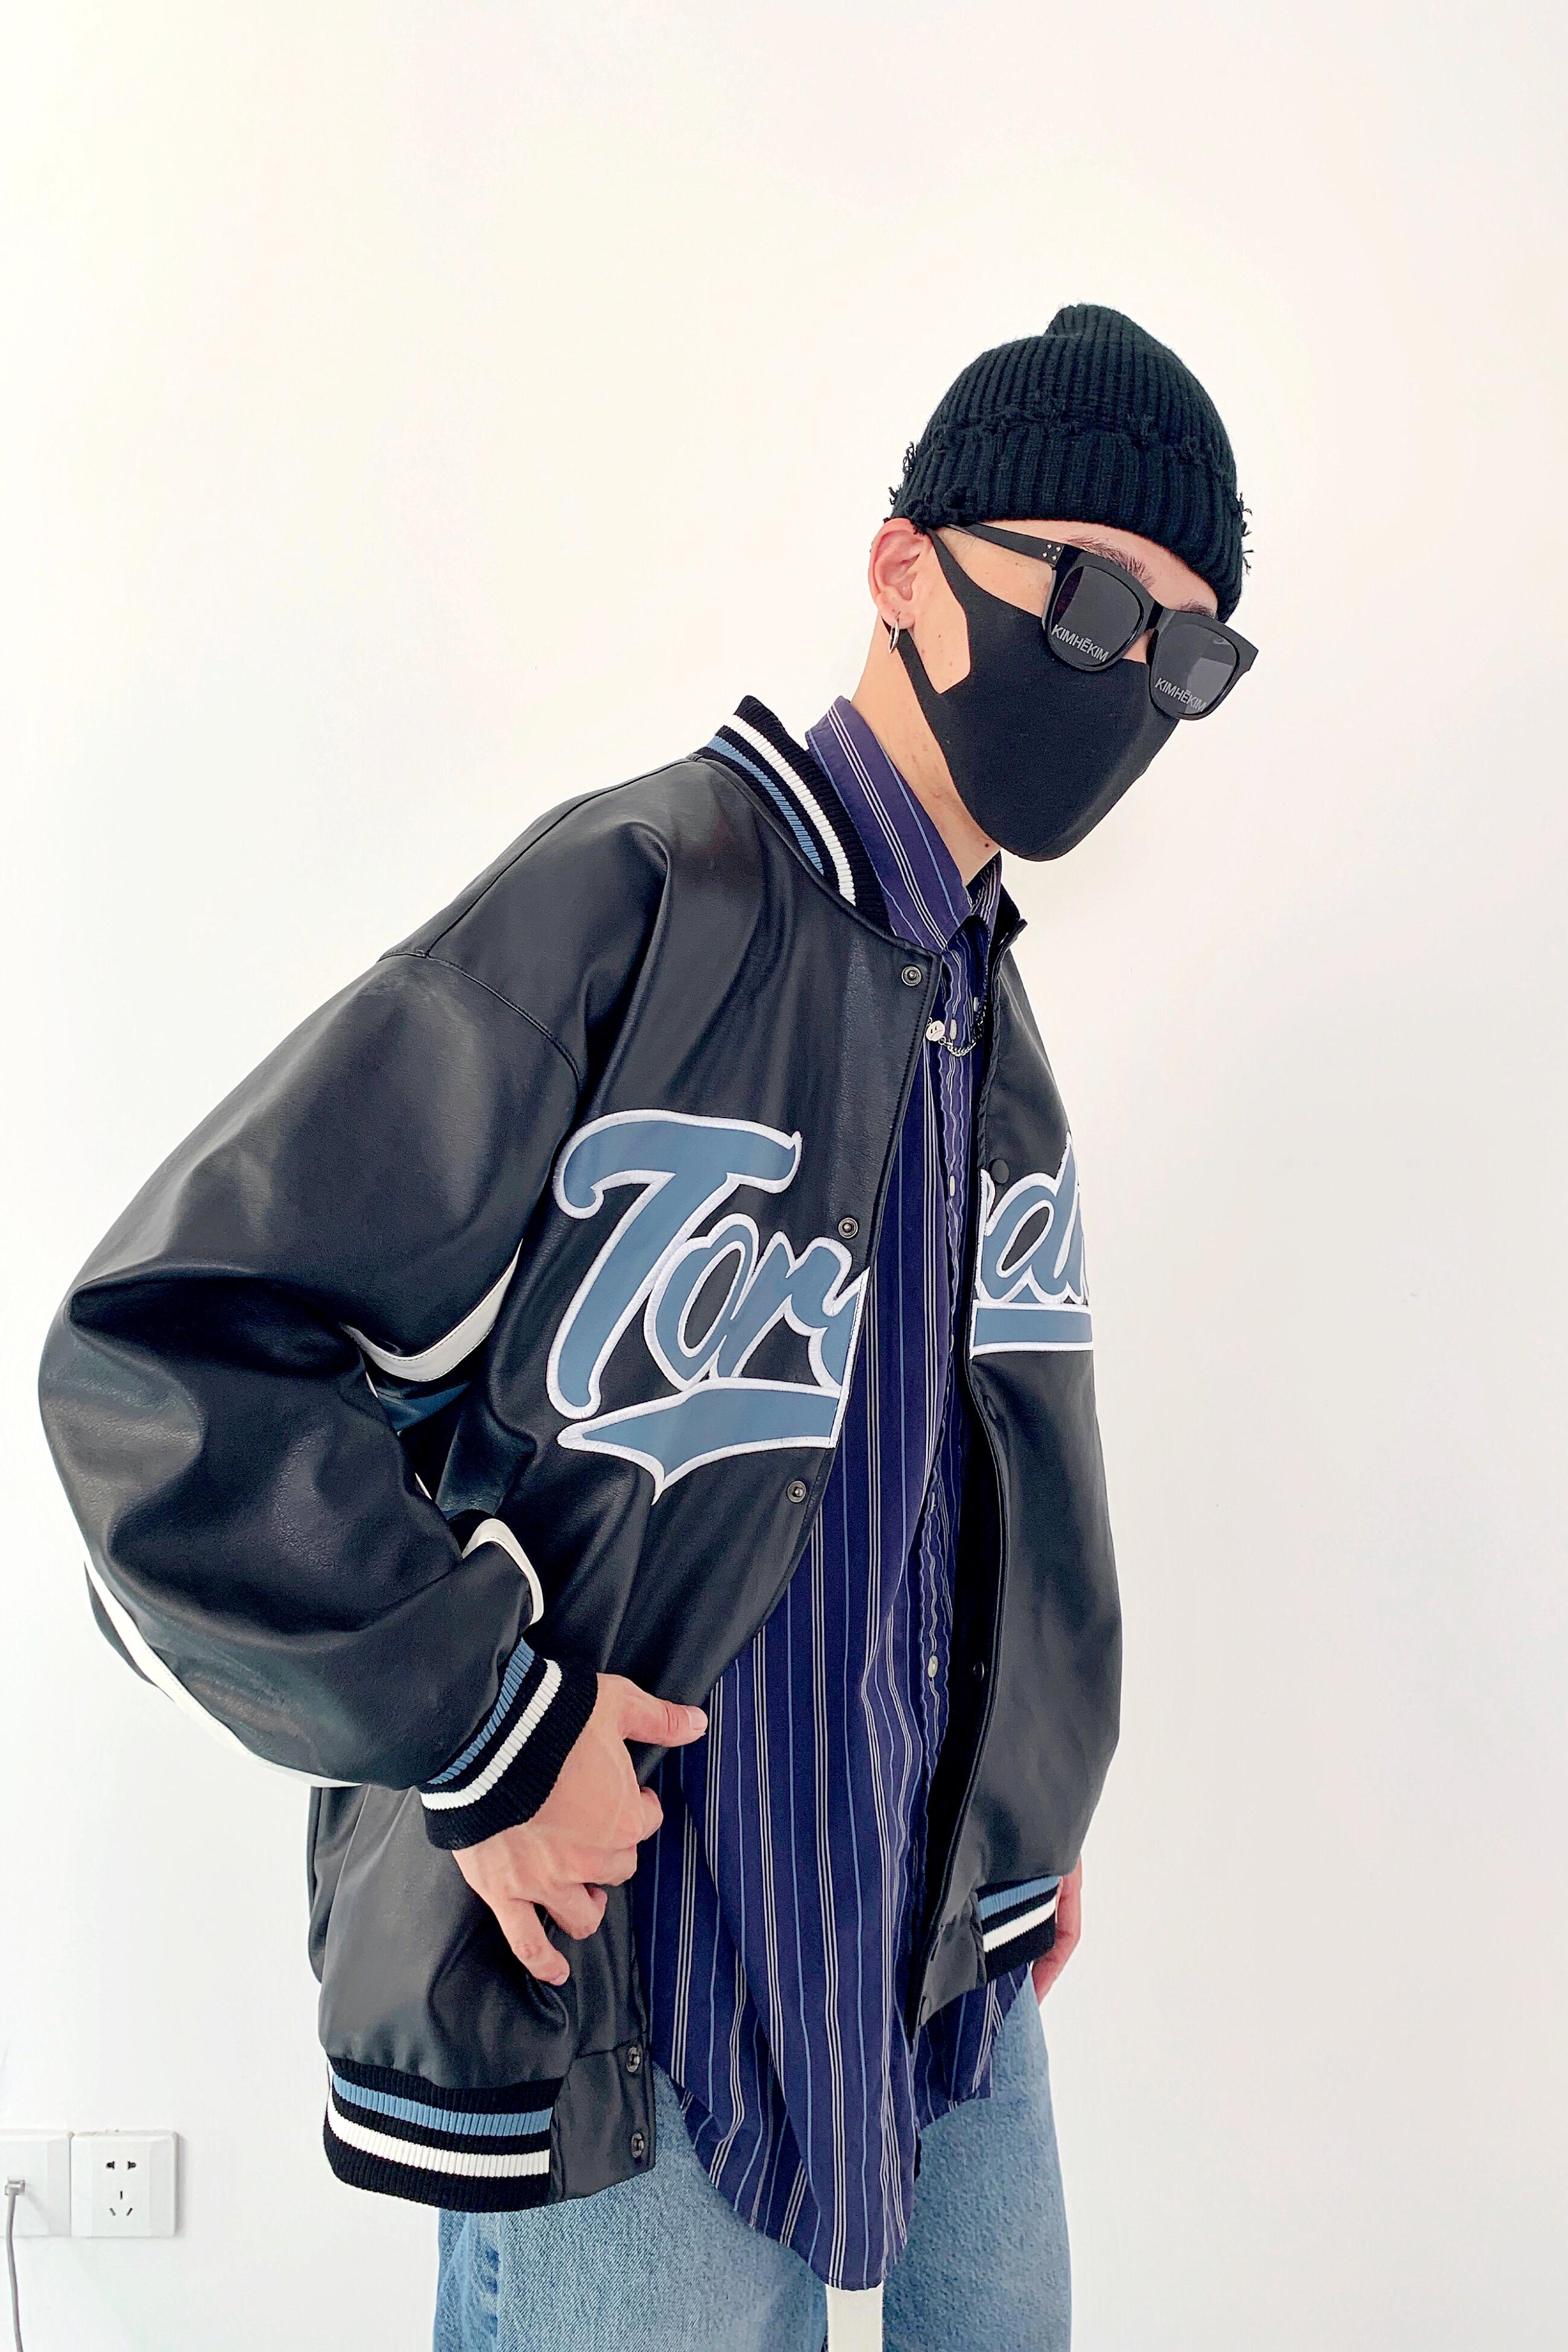 原创欧美街头流行古着拼接皮质情侣宽松棒球服夹克外套